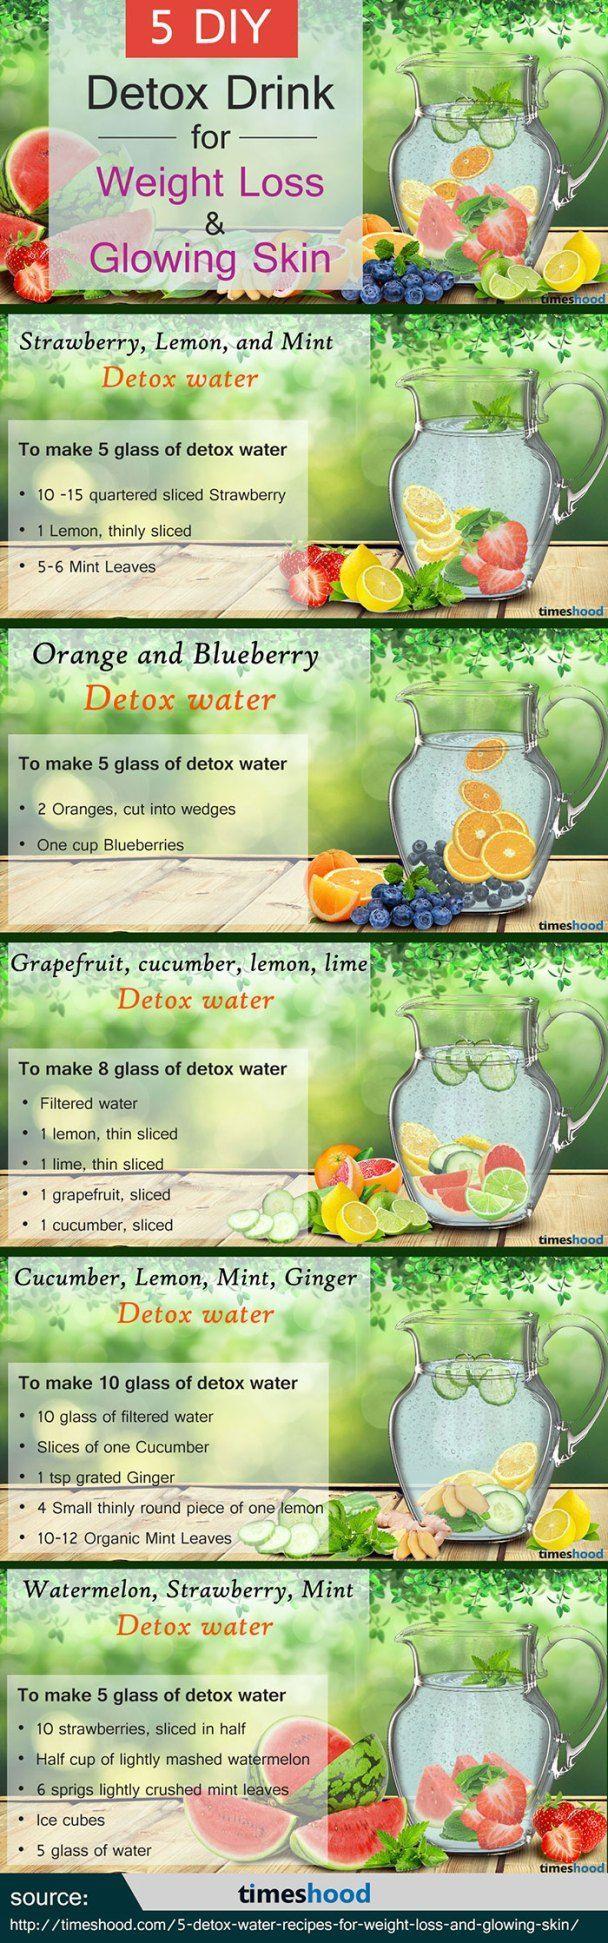 5 DIY Detox Drink für Gewichtsverlust und strahlende Haut  – Getränke divers